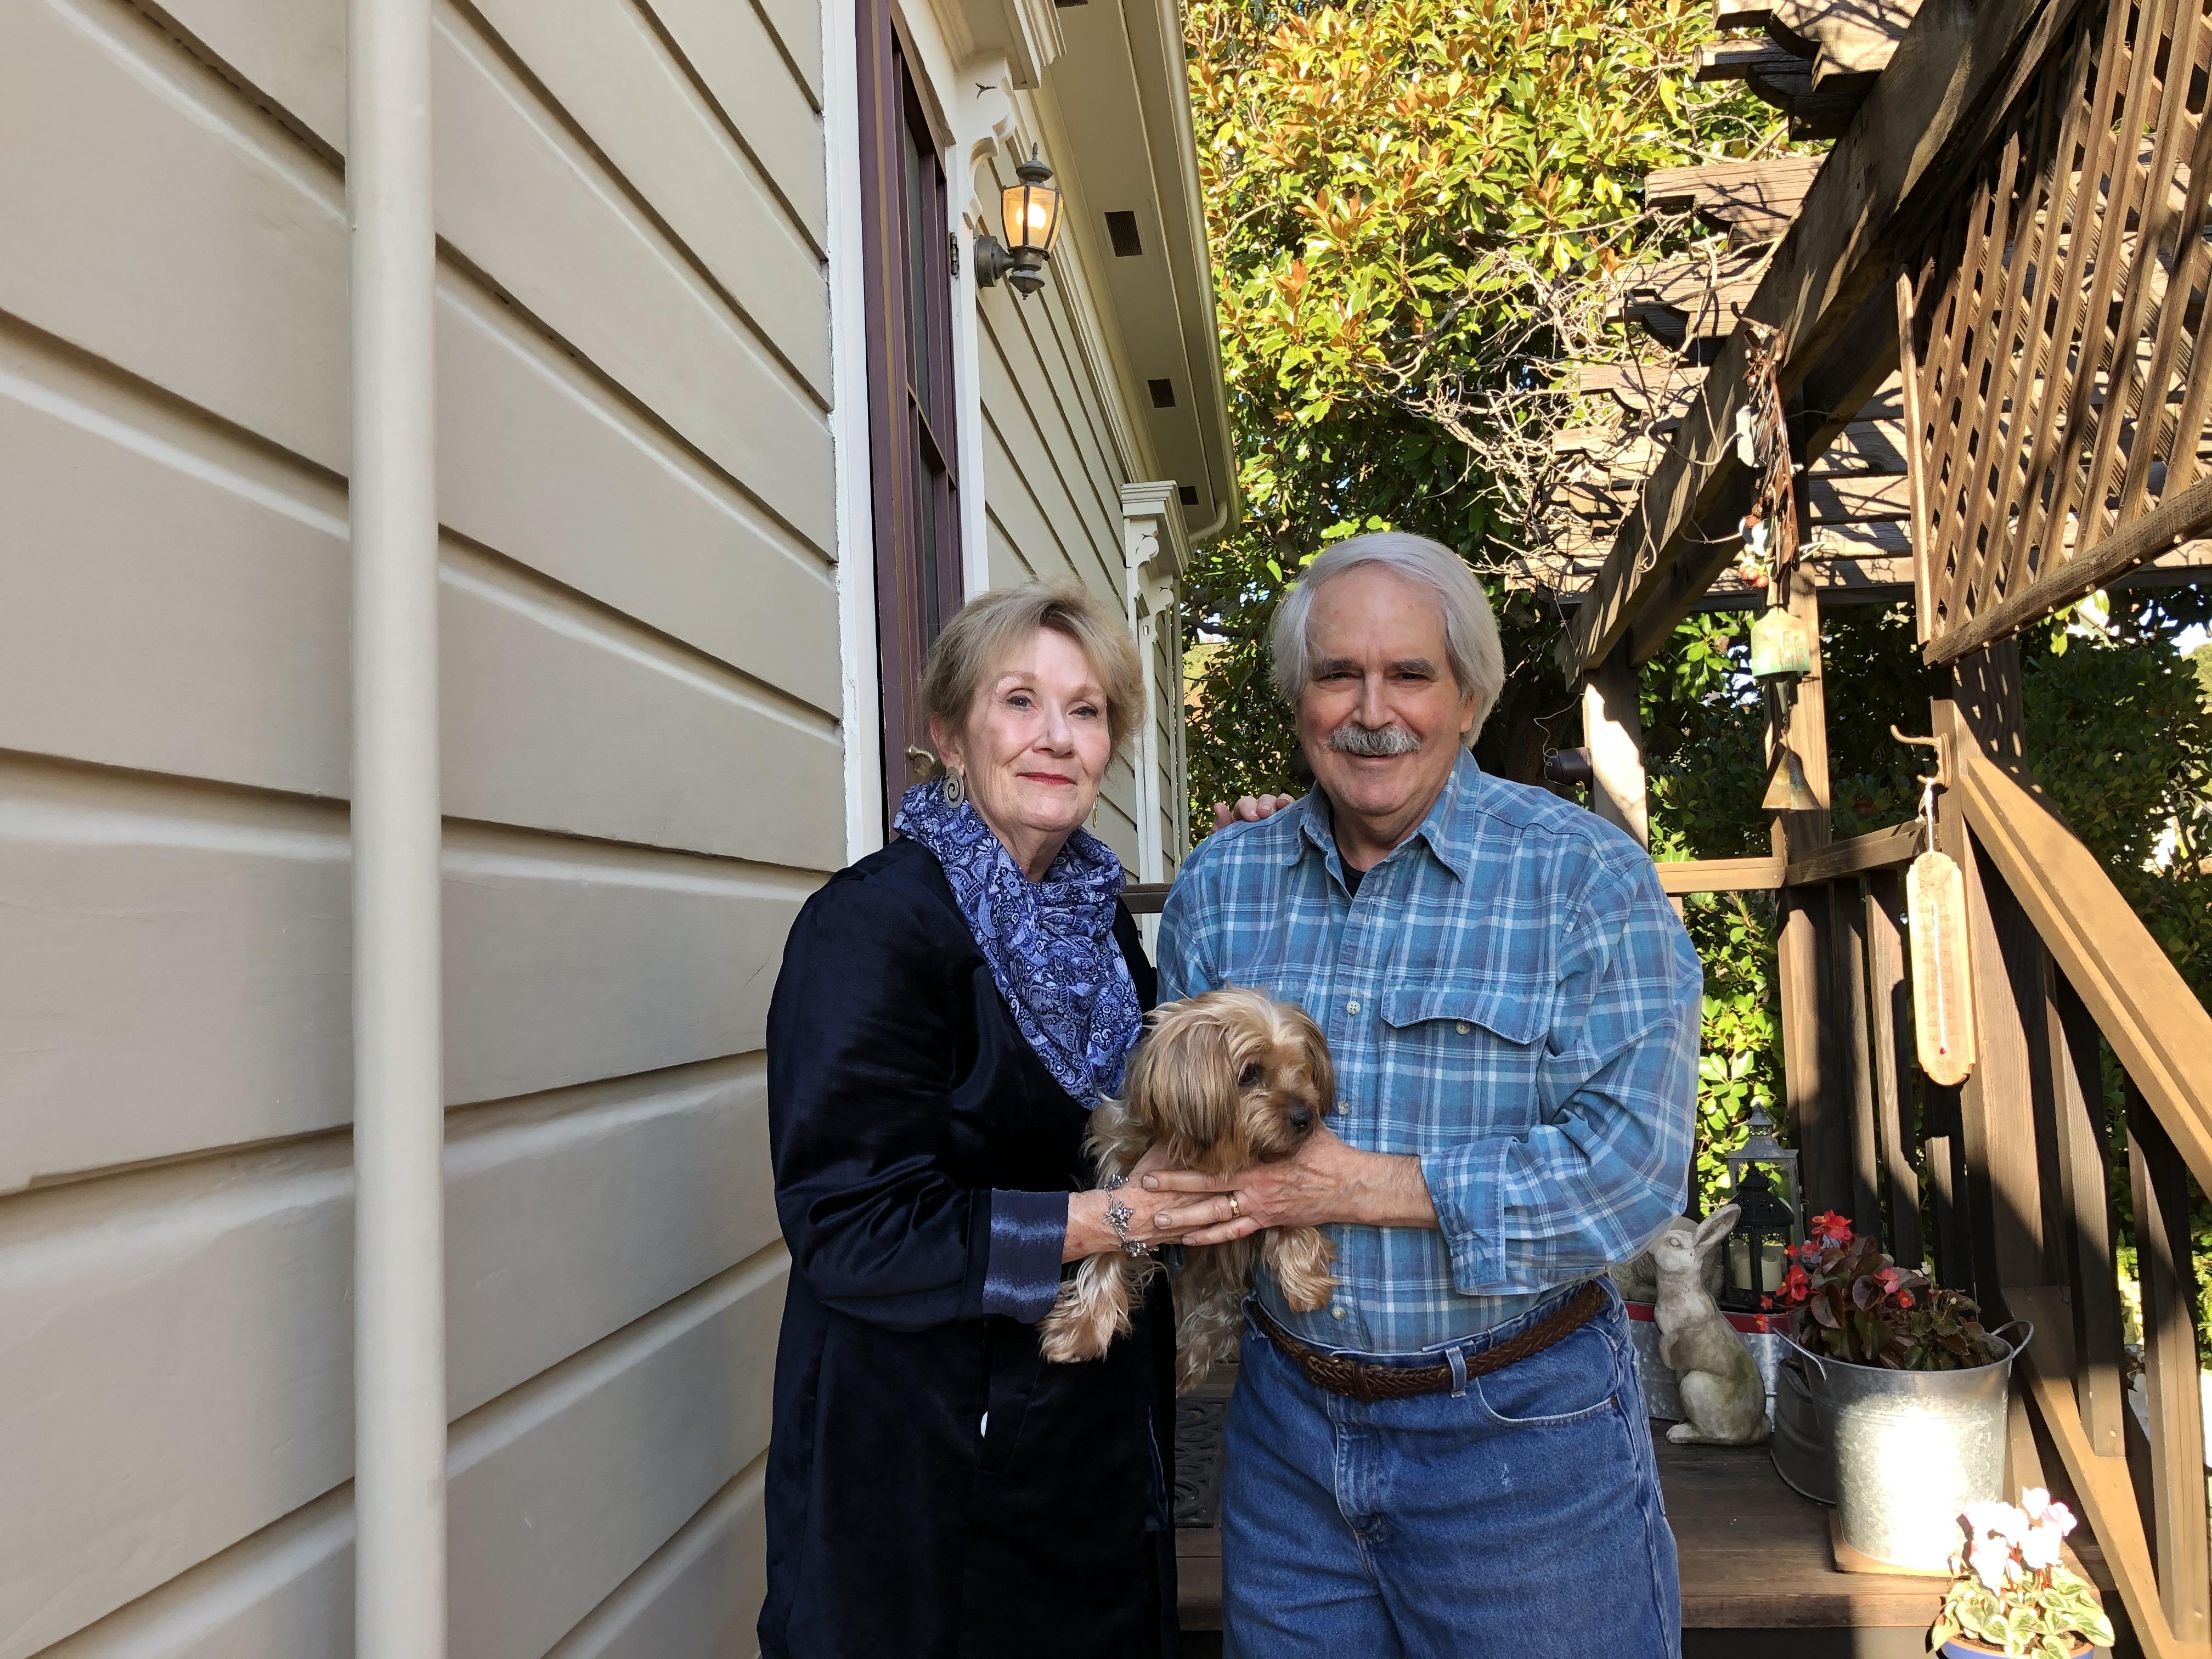 Carol and Bob Berman